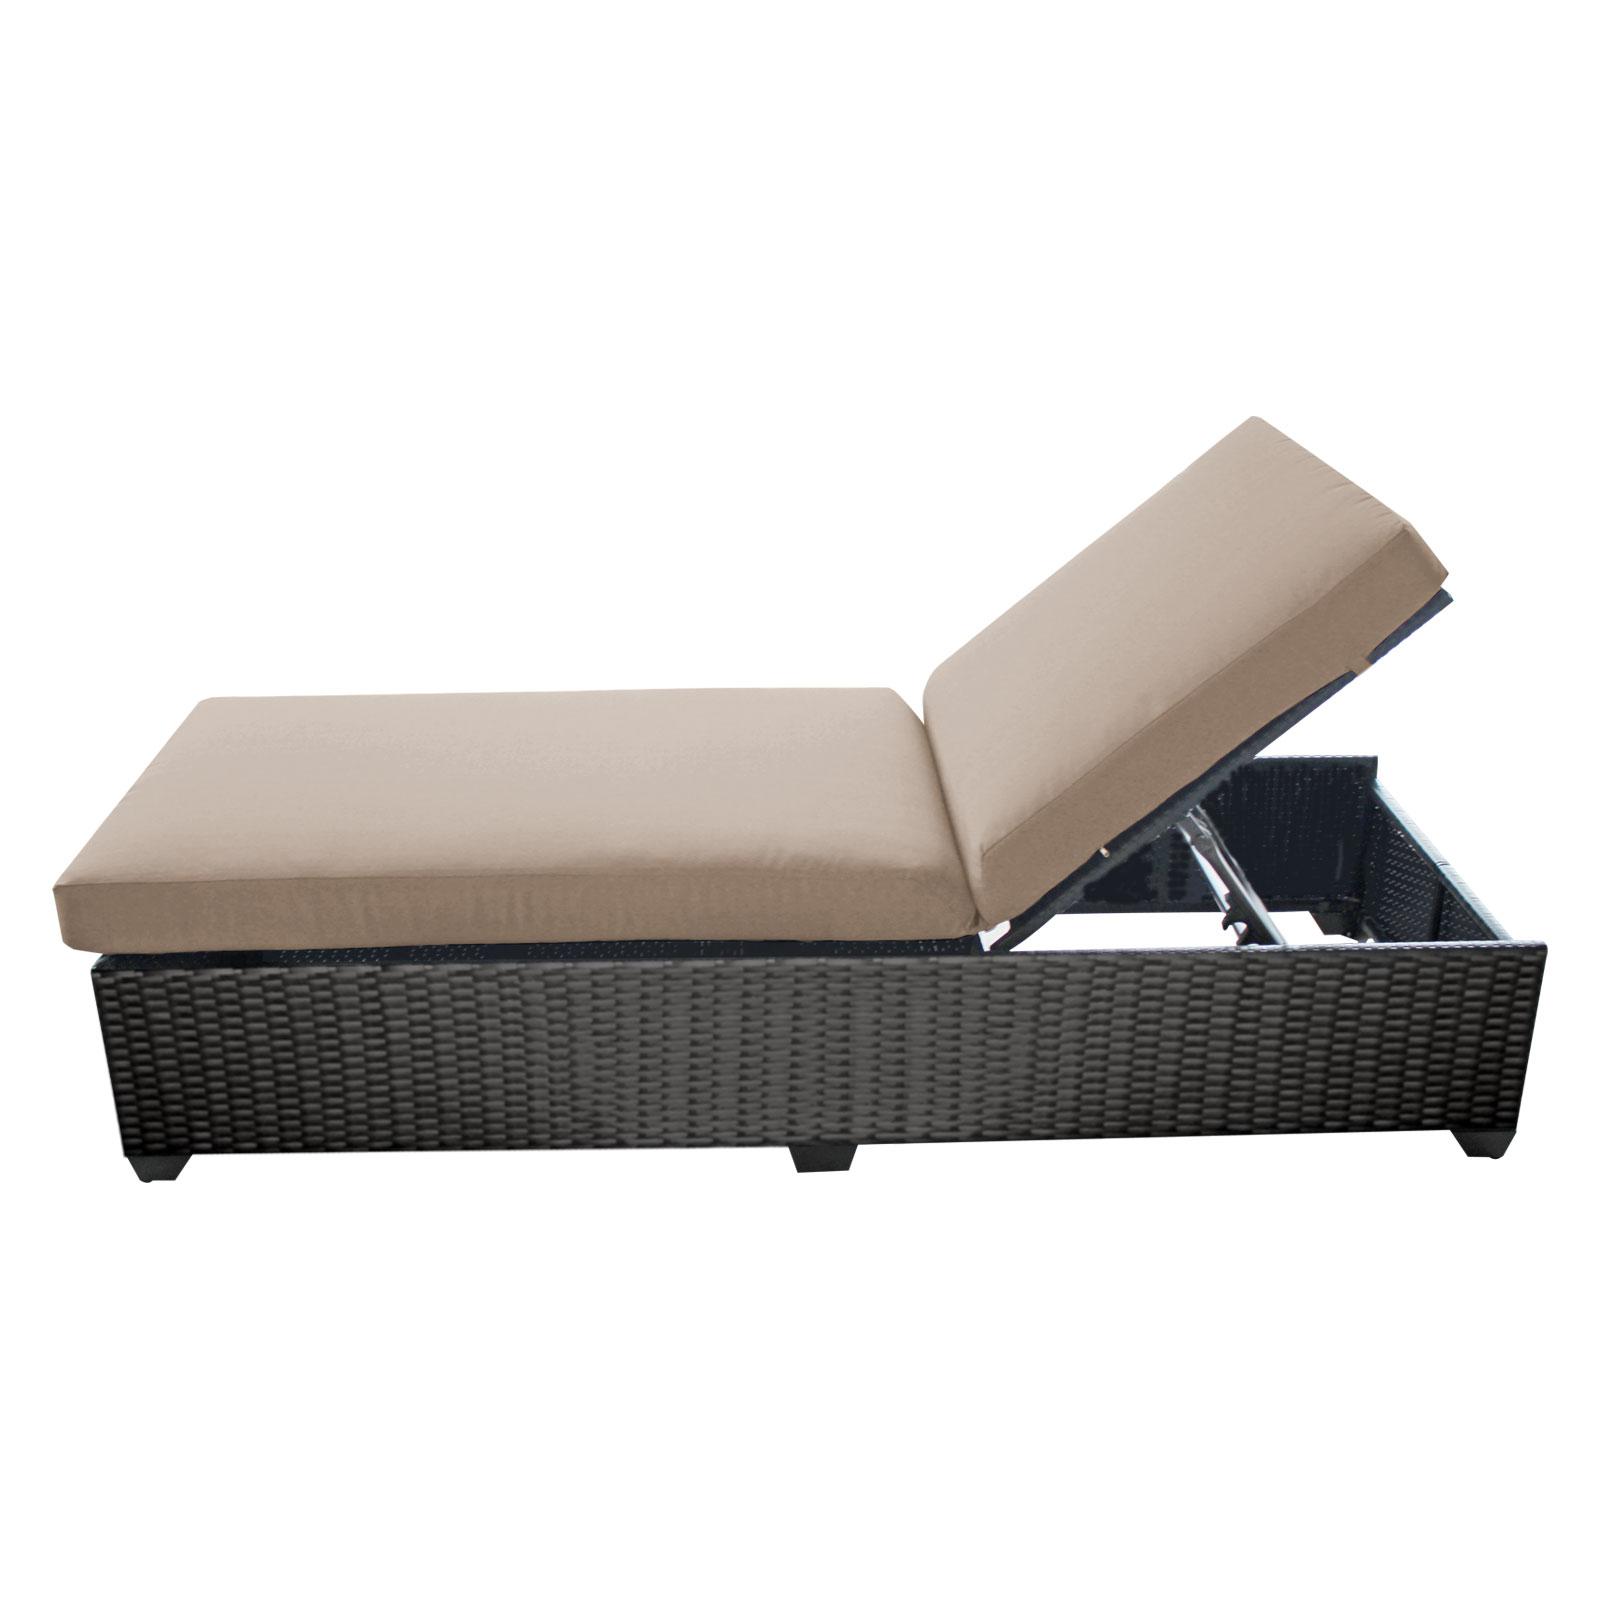 Tk classics classic chaise outdoor wicker patio furniture - Chaise classique design ...